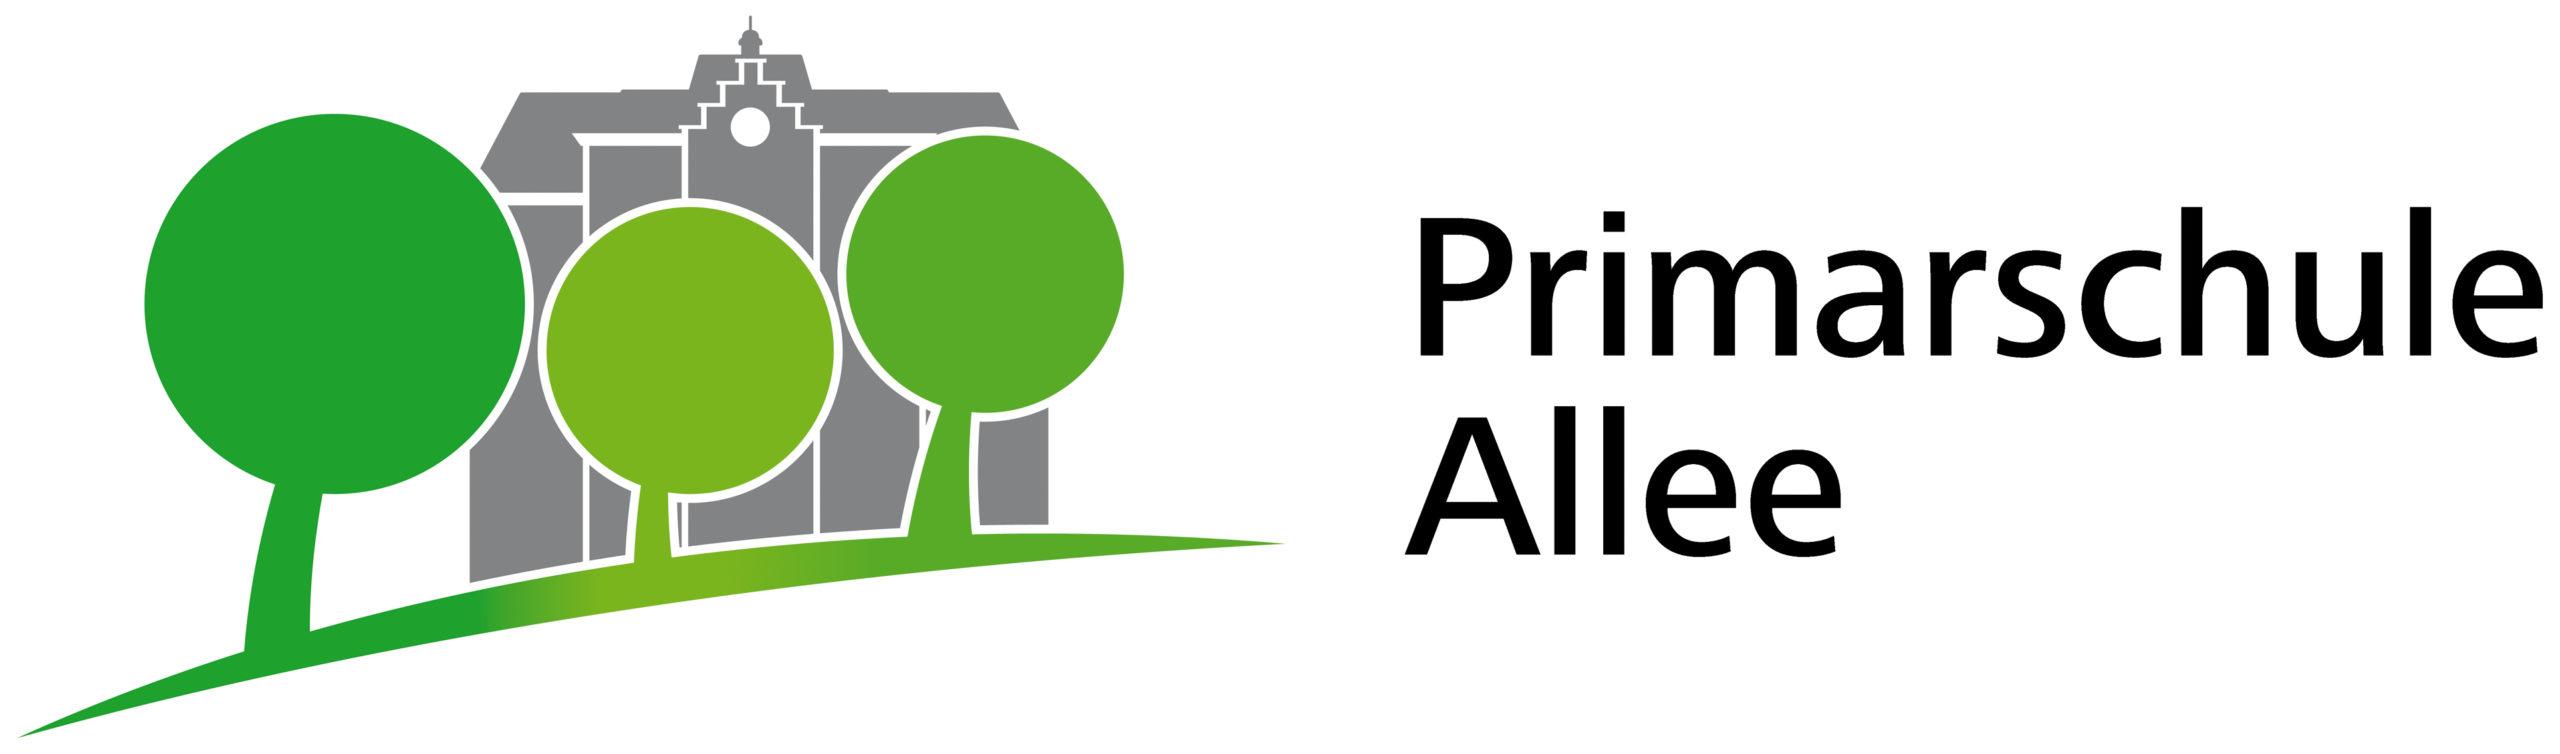 Primarschule Allee Wil